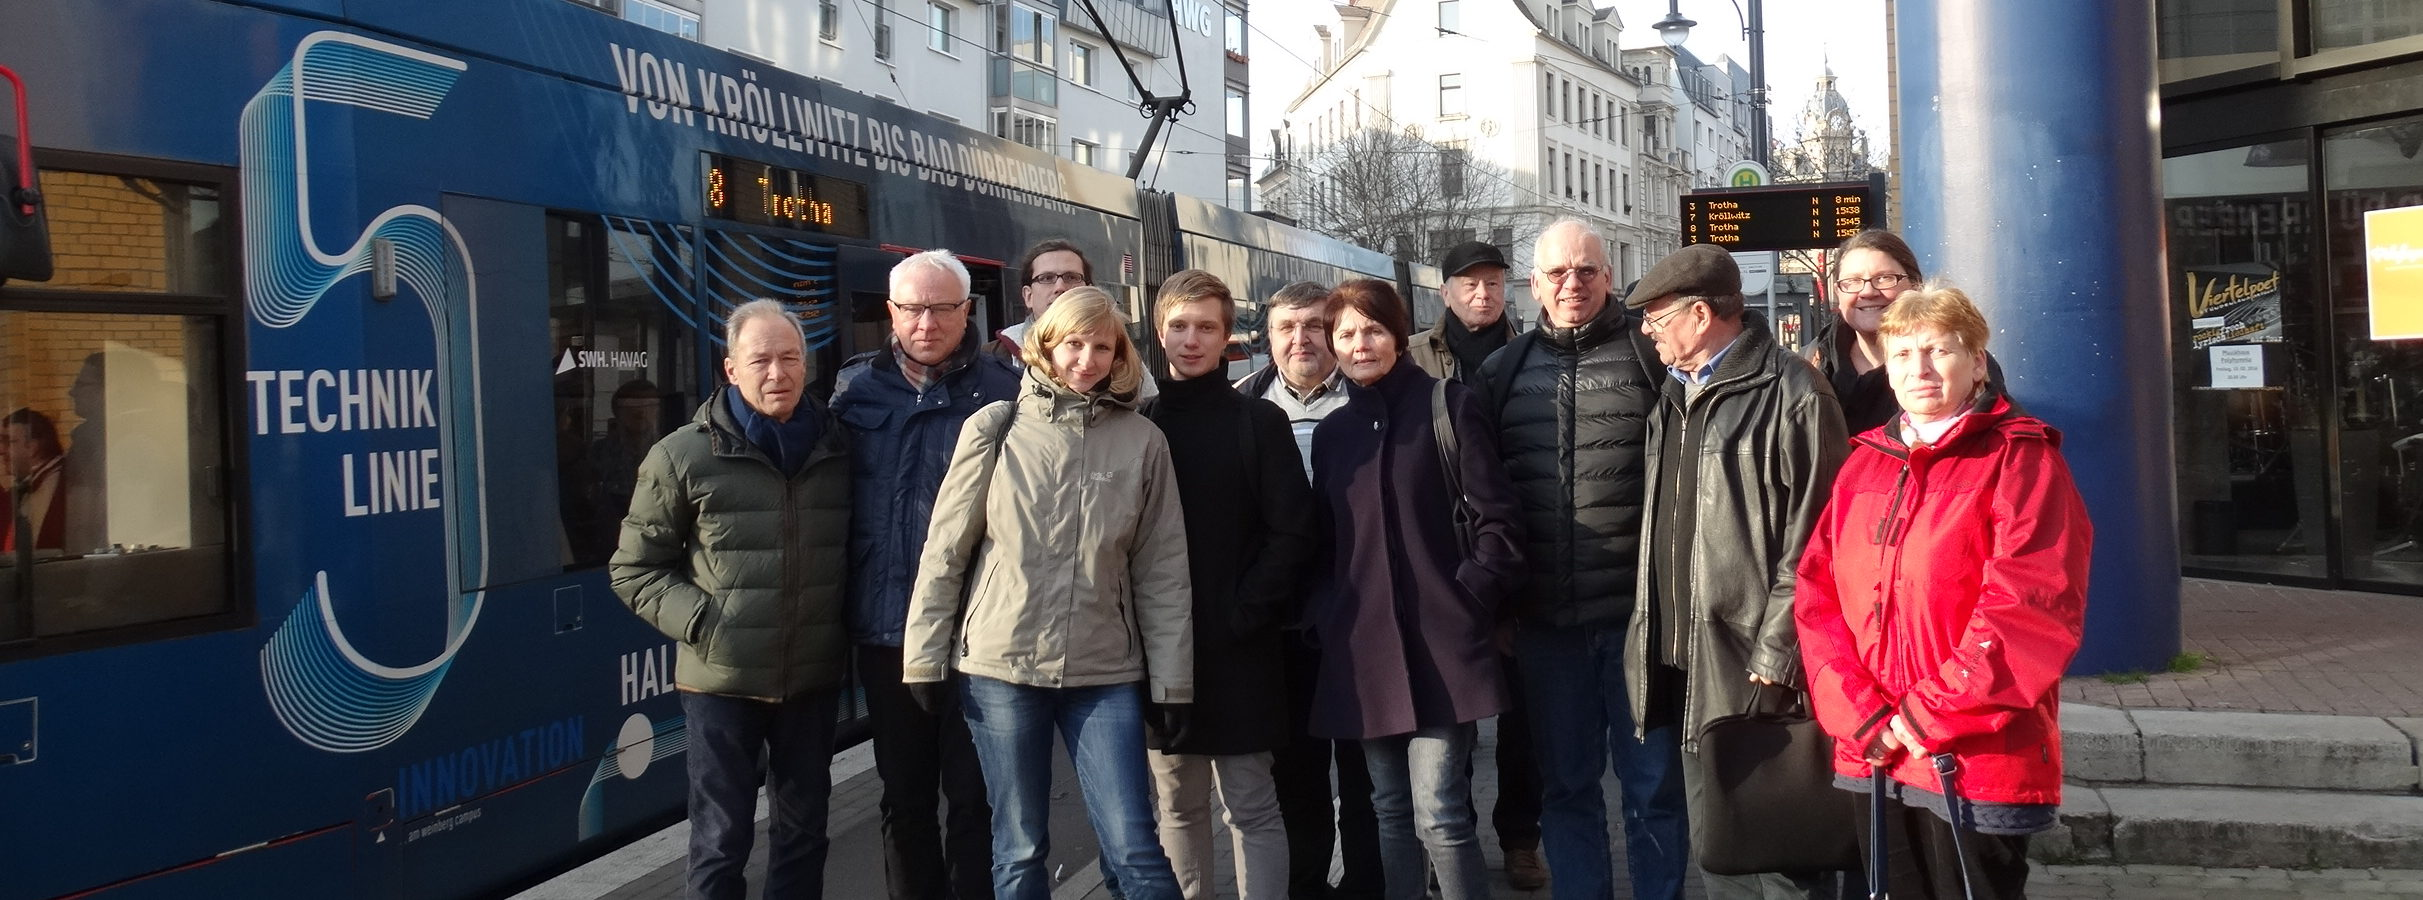 Treffen des Erfurter und Halleschen Fahrgastbeirats in Halle/Saale im Februar 2016. Foto: Michael Paak